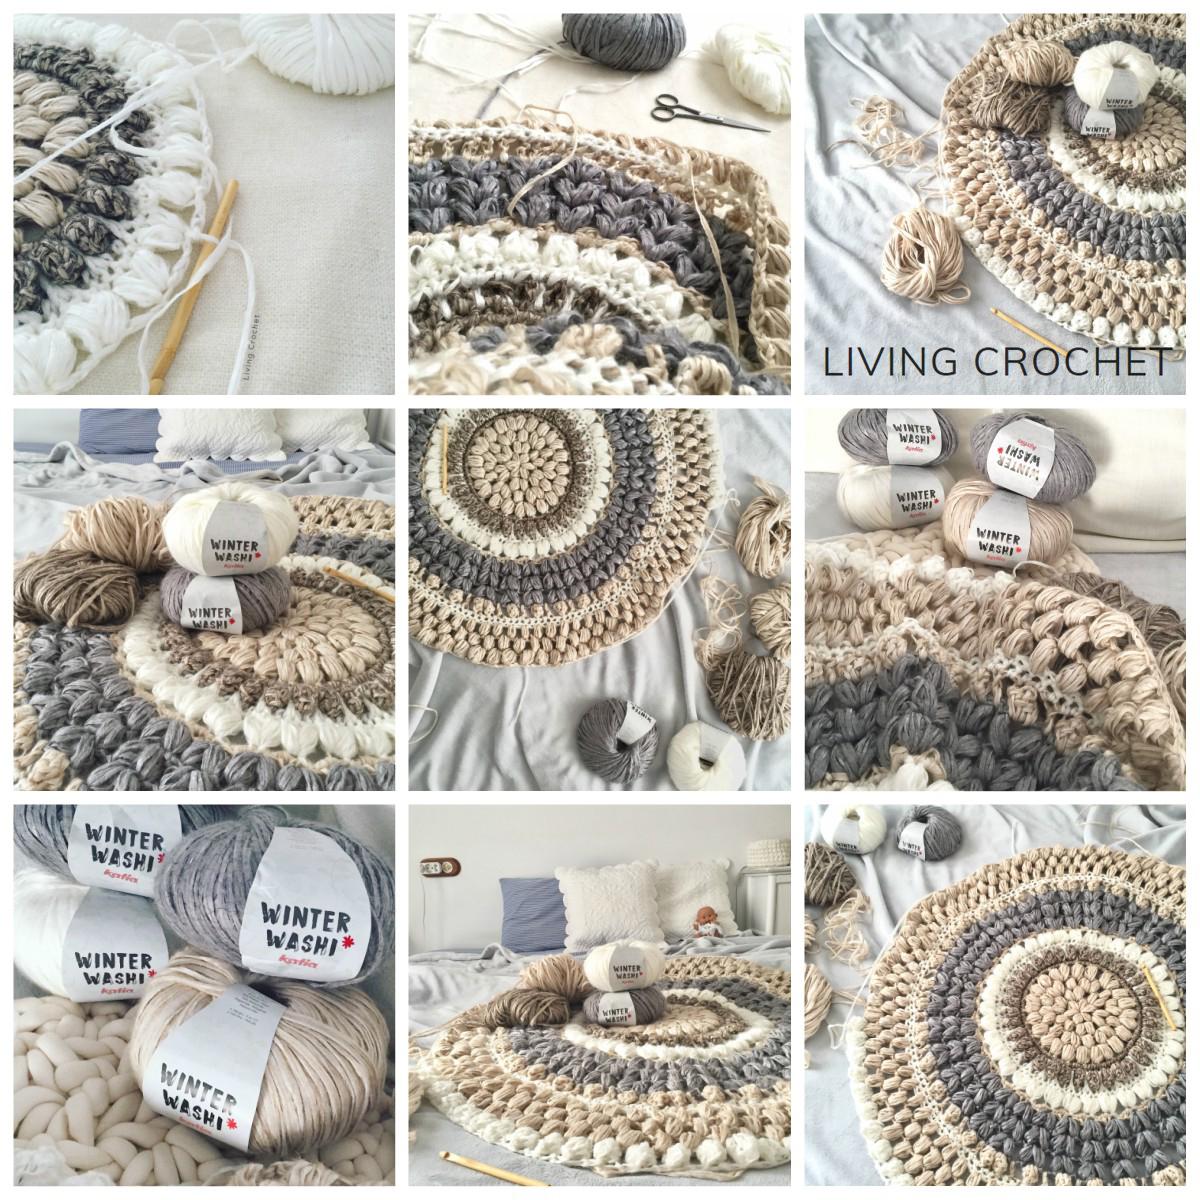 Living Crochet Zeigt Dir Wie Man Aus Winter Washi Einen Teppich Häkelt